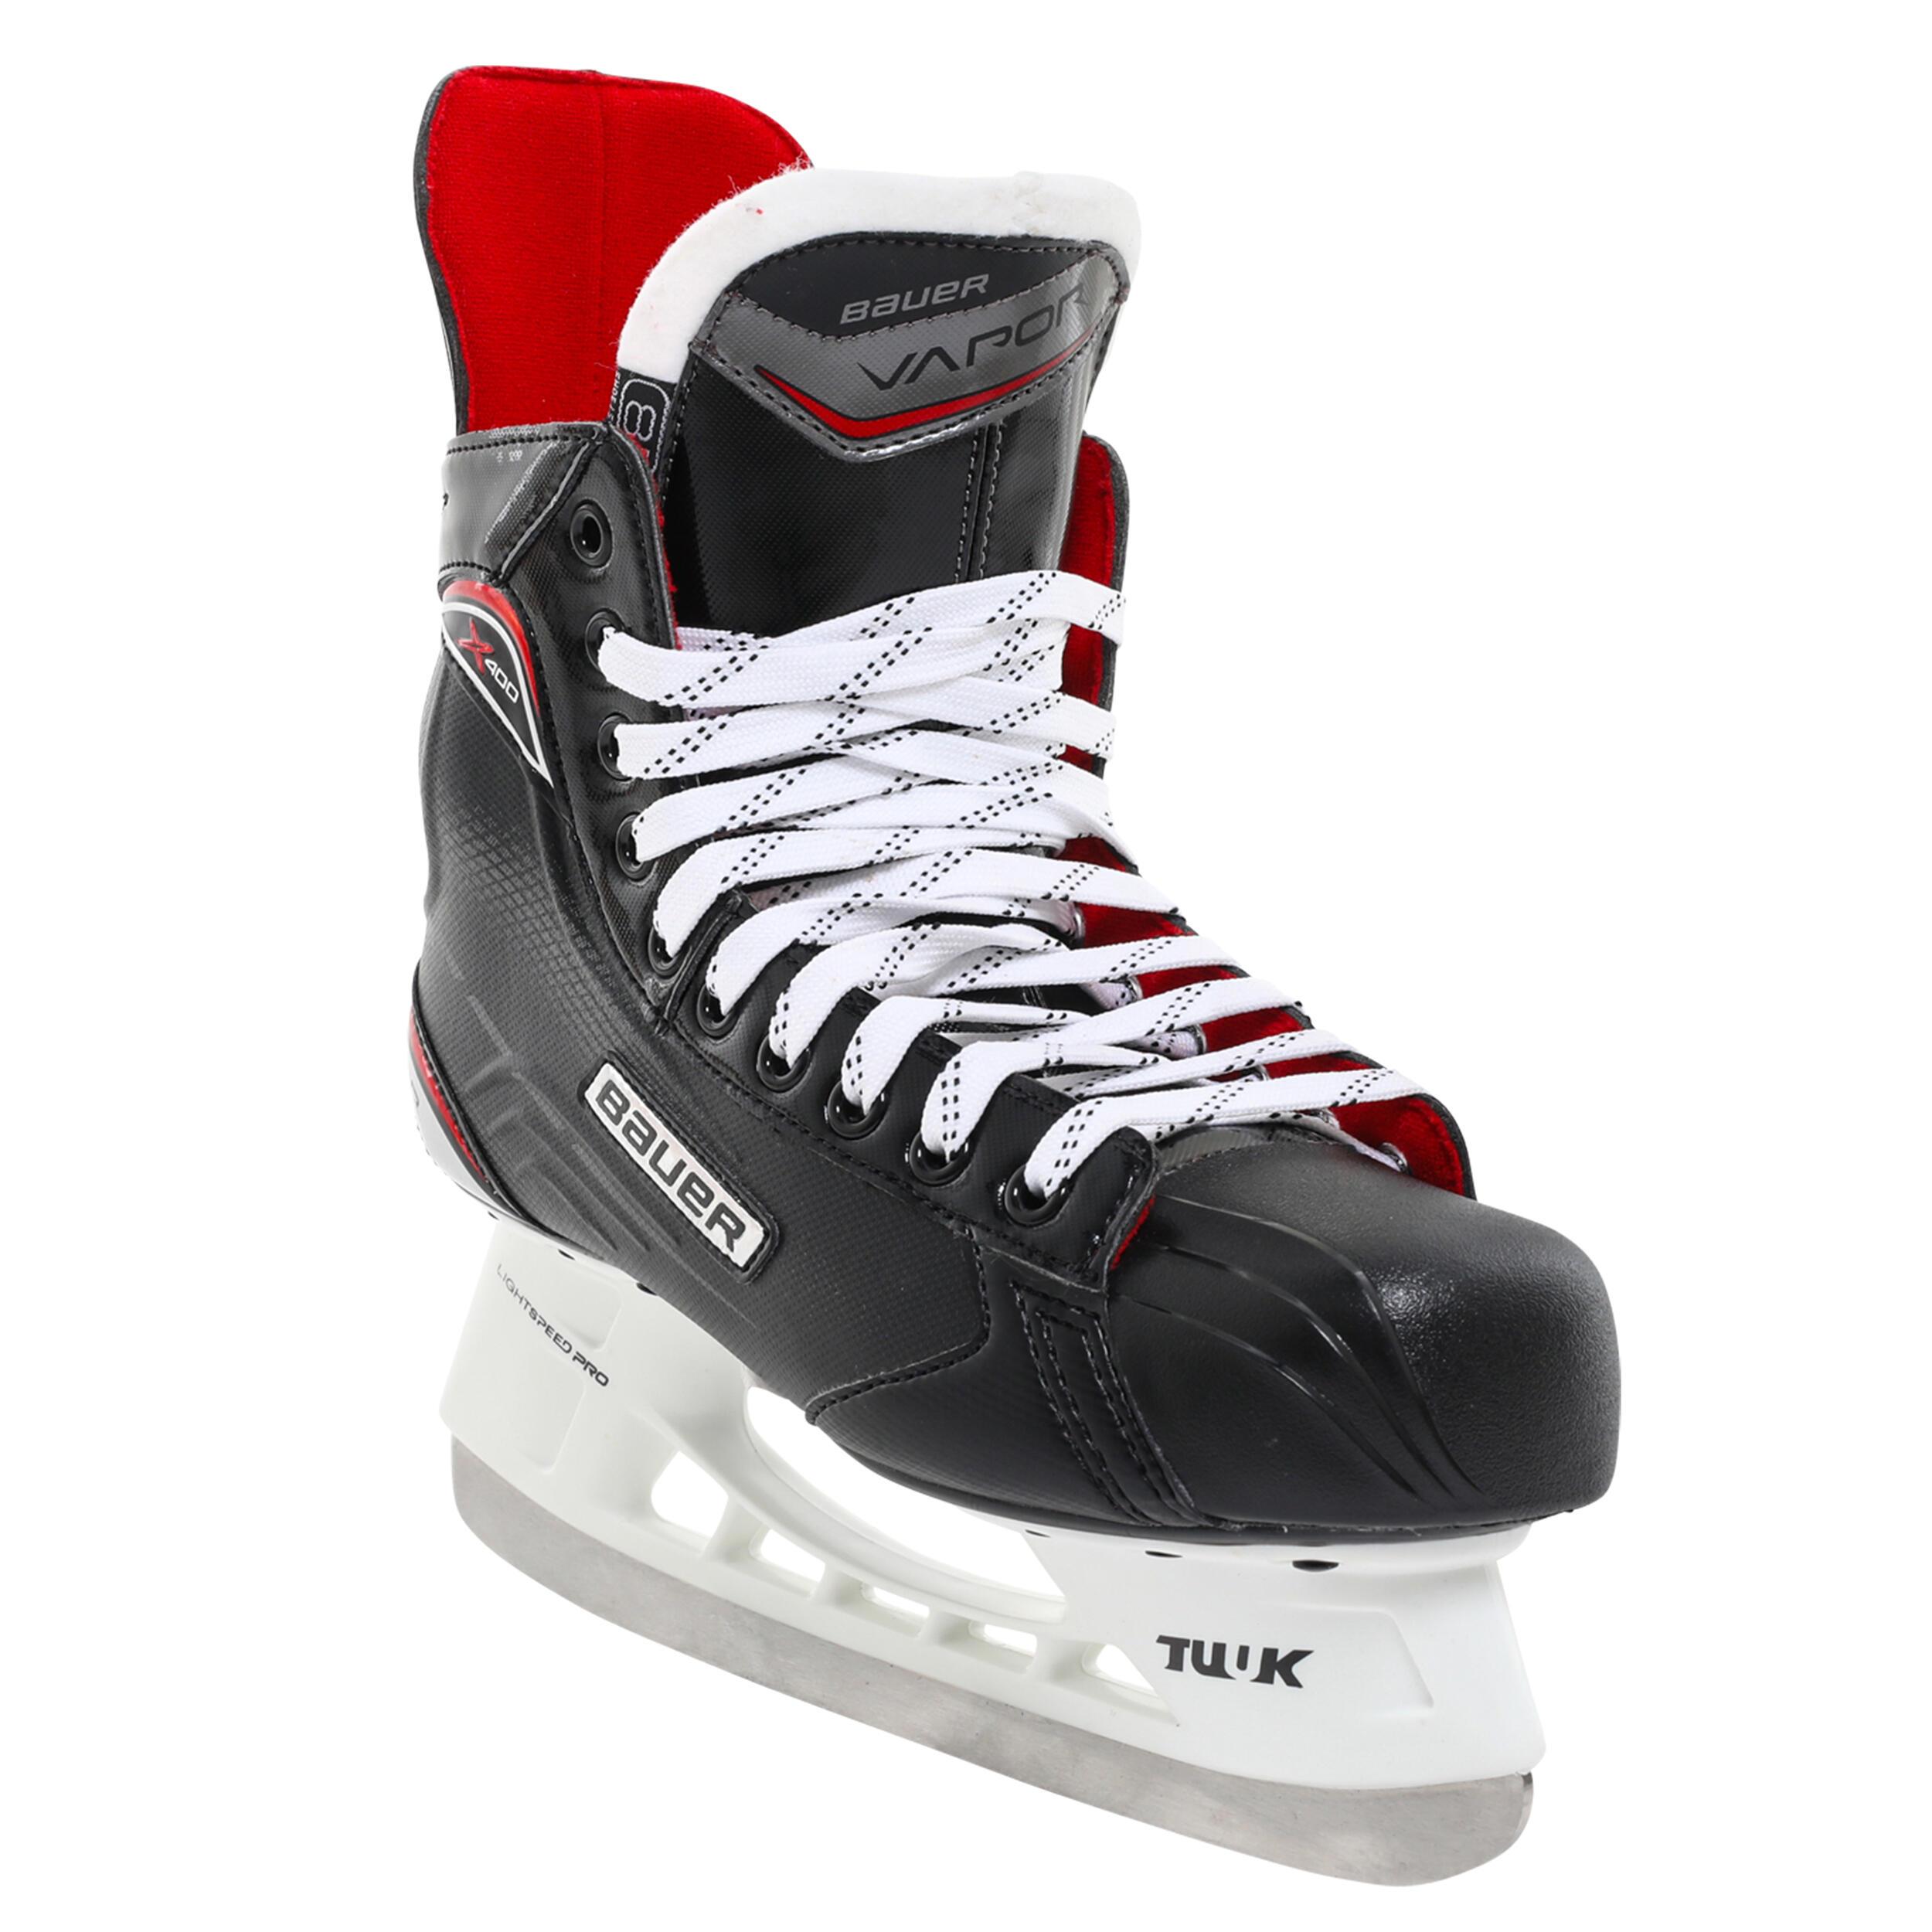 IJshockeyschaatsen kopen met voordeel